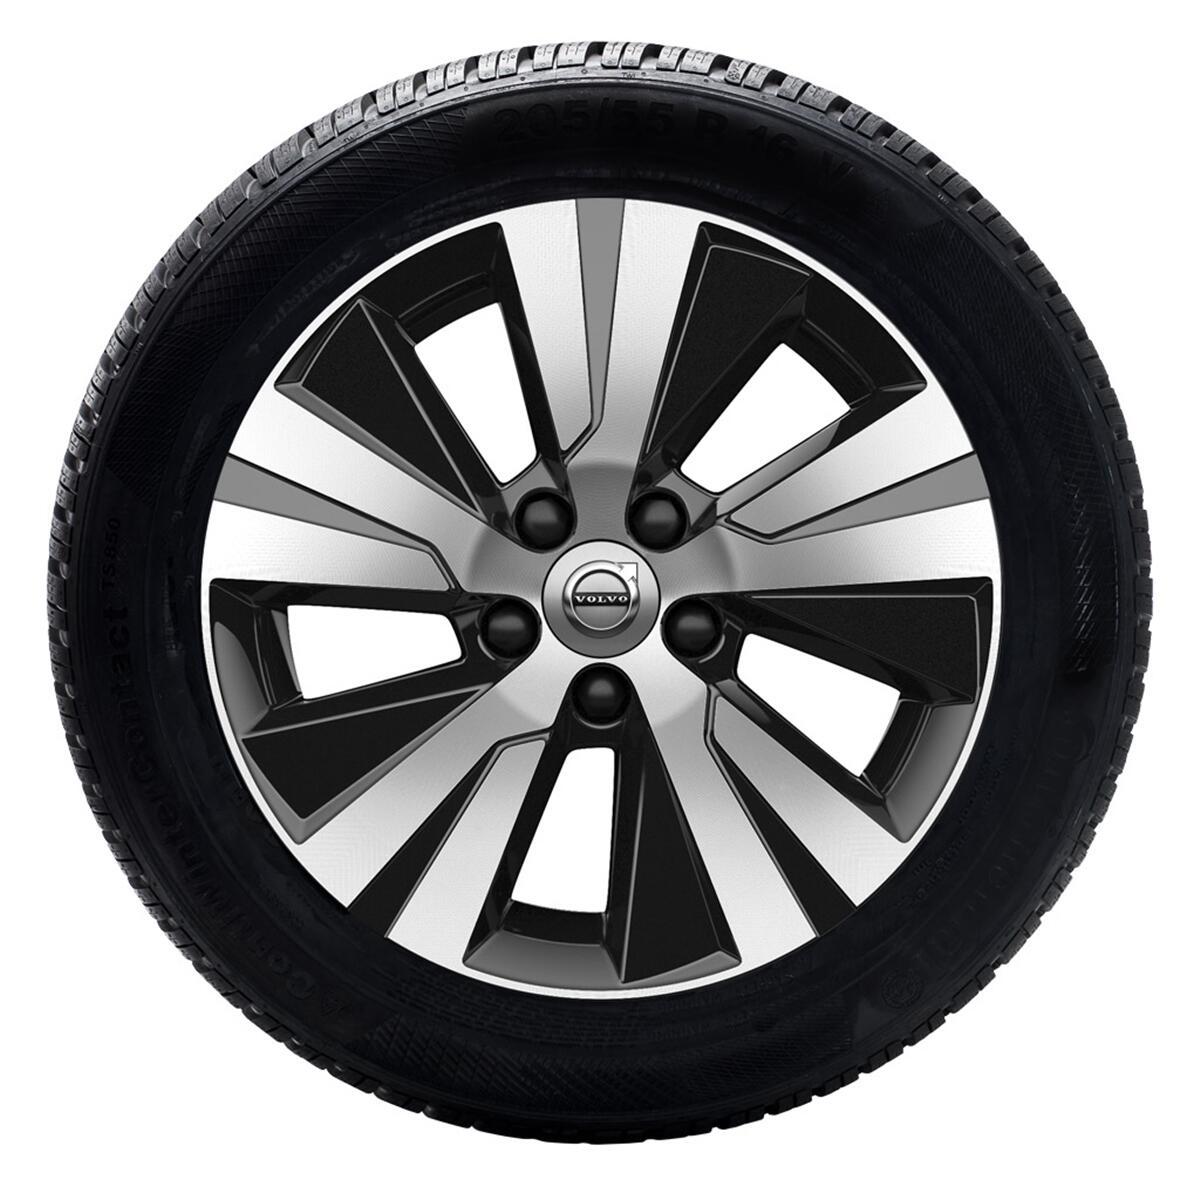 Komplet zimskih kotača:   16'', gume Michelin